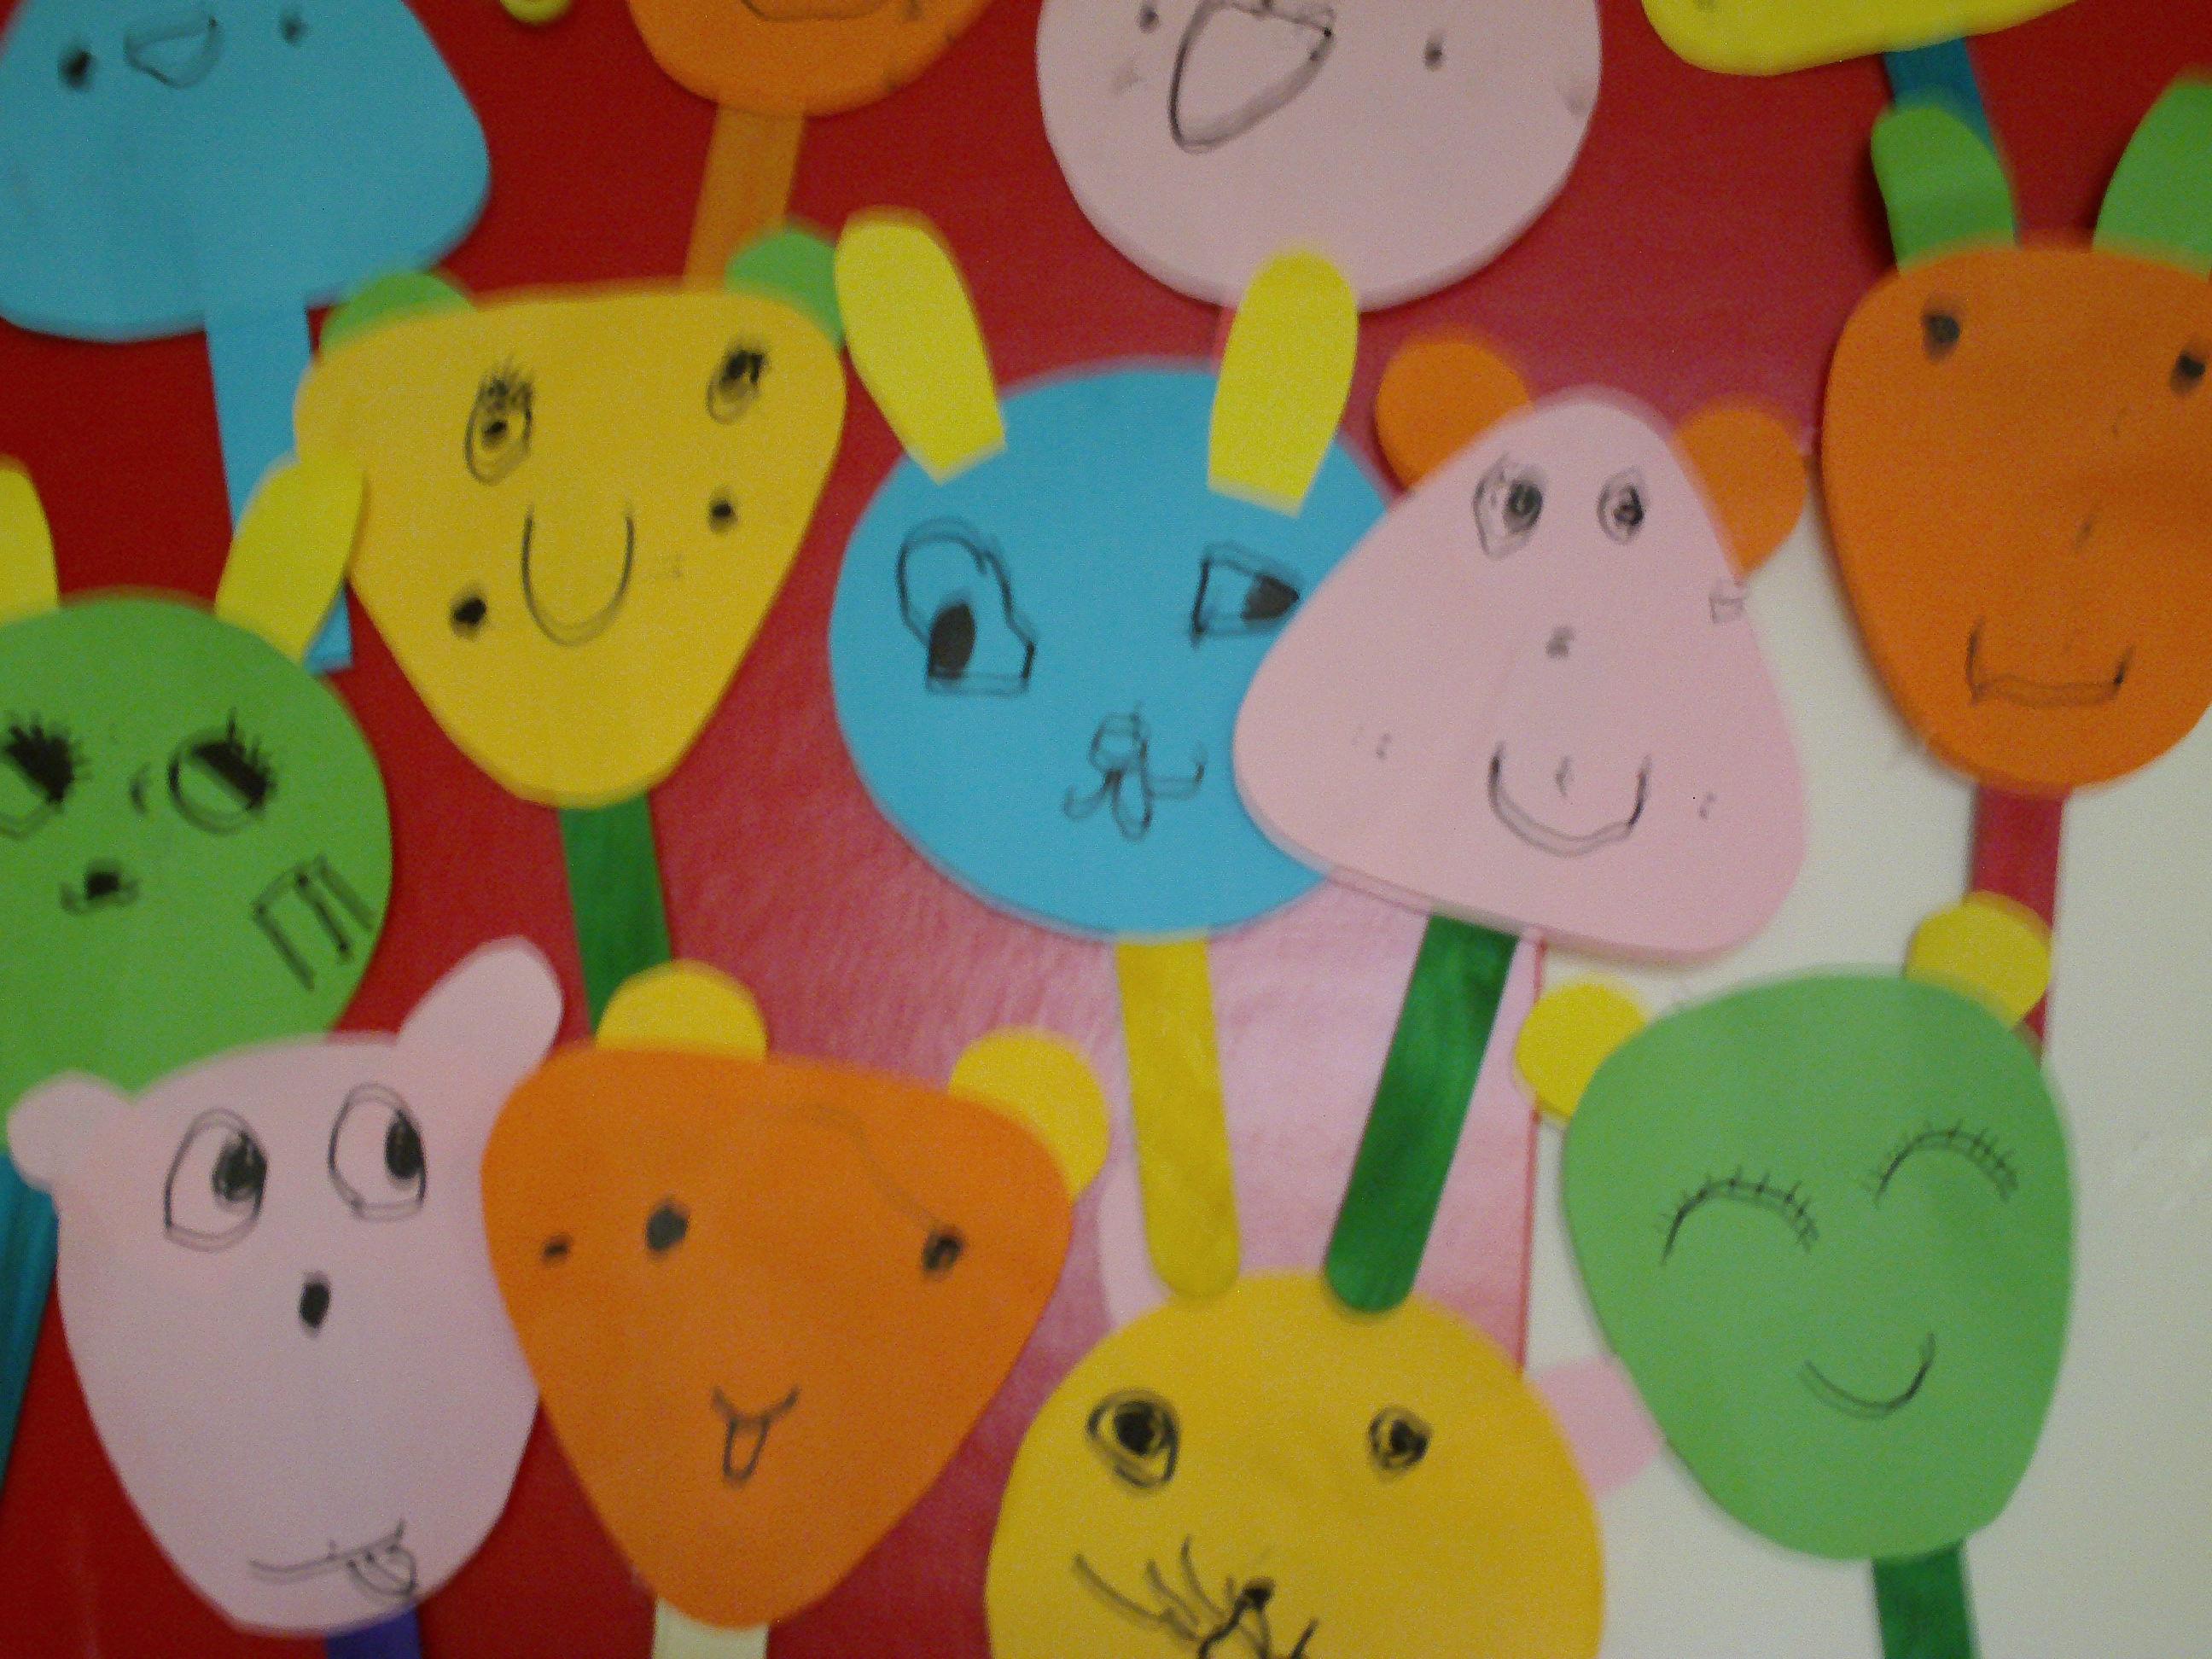 今天宝贝们设计了小动物扇子哦,看看宝贝们的作品吧.